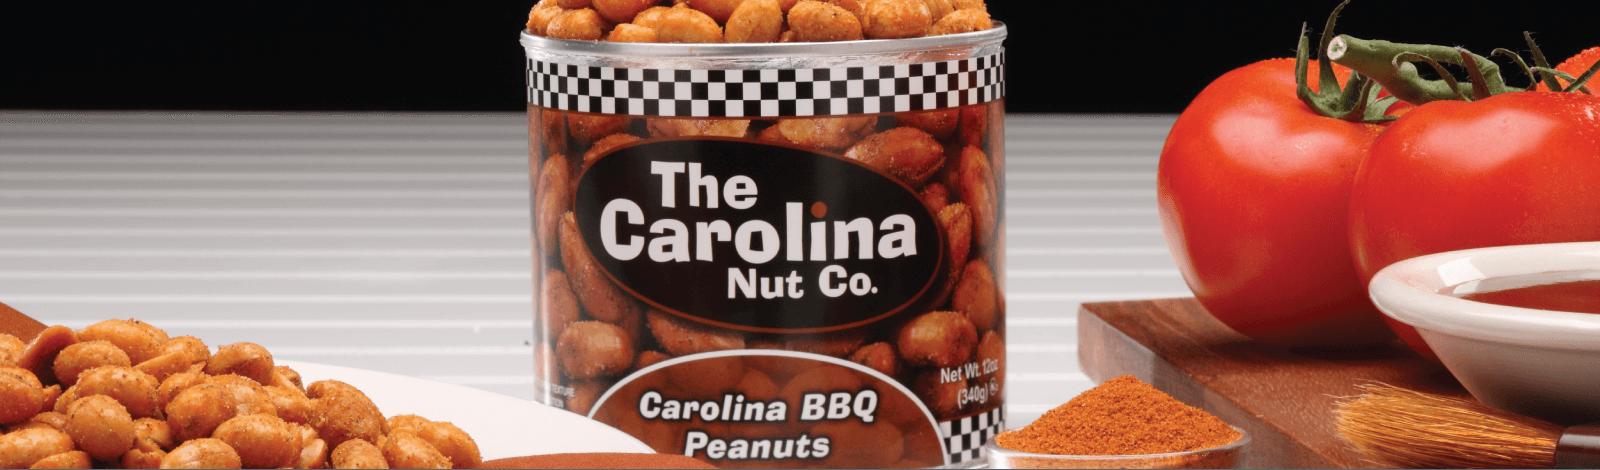 The Carolina Nut Company Carolina BBQ Peanuts